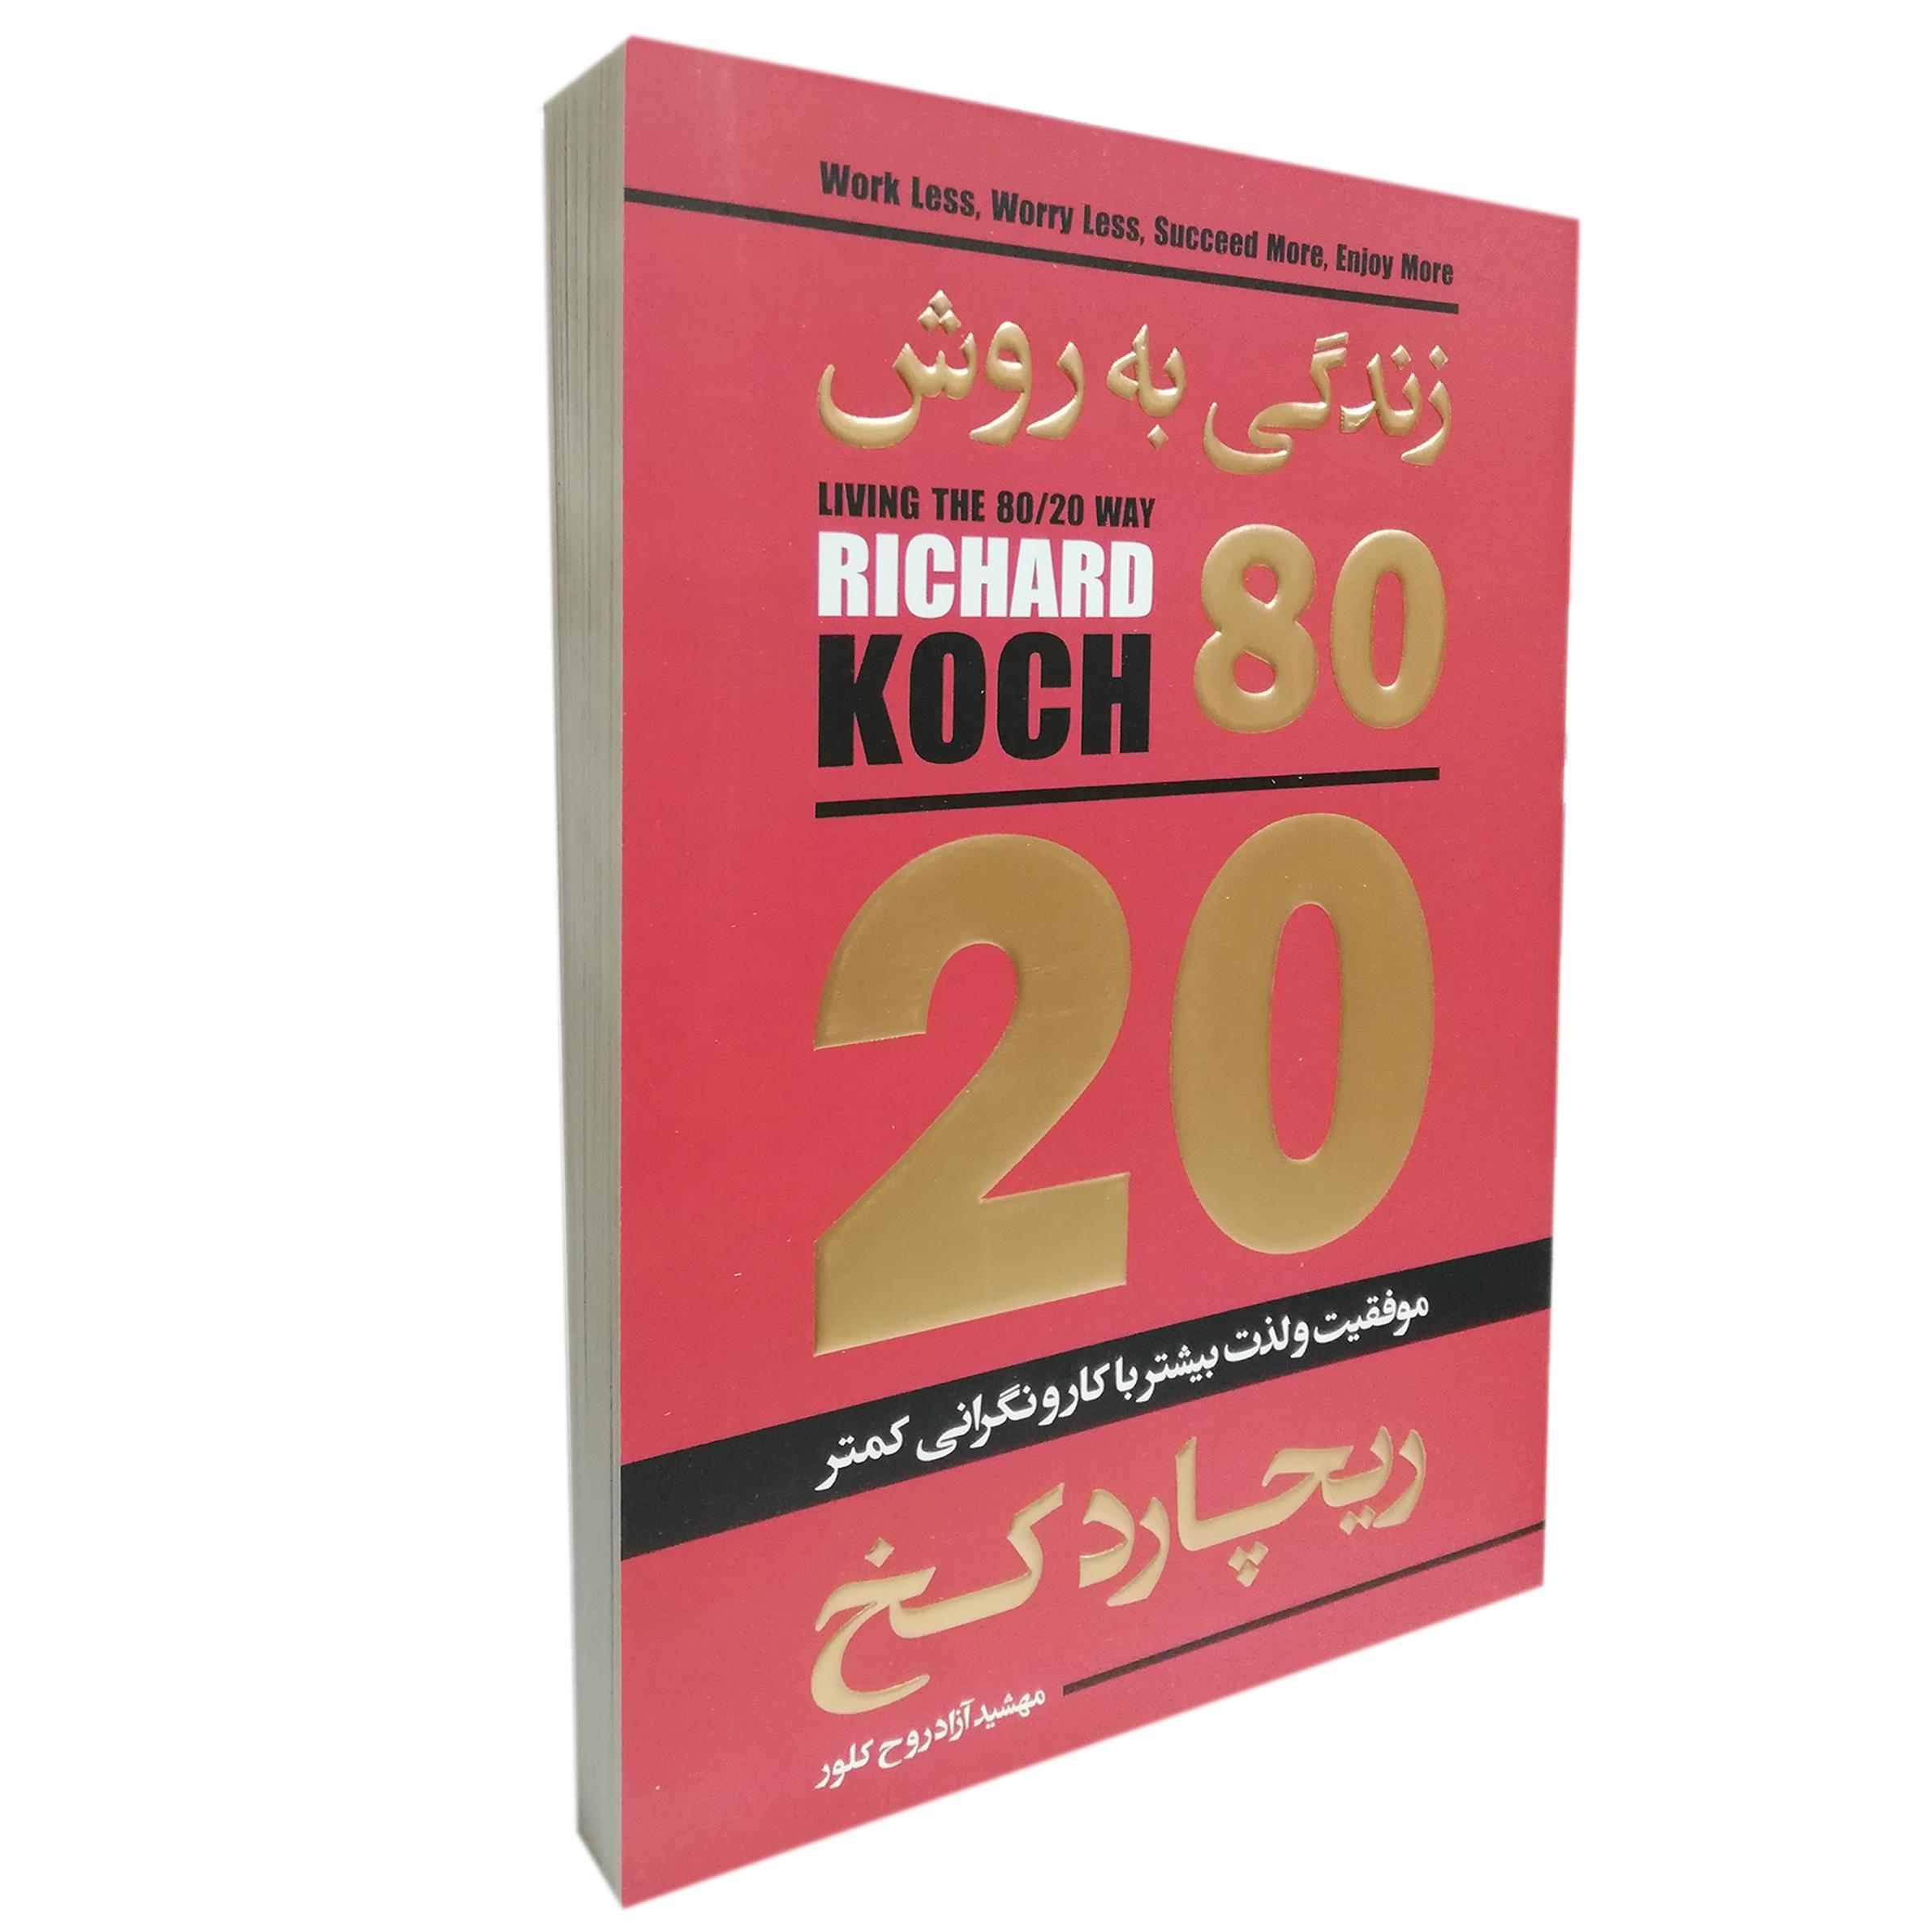 کتاب زندگی به روش 80 20 اثر ریچارد کخ انتشارات آتیسا